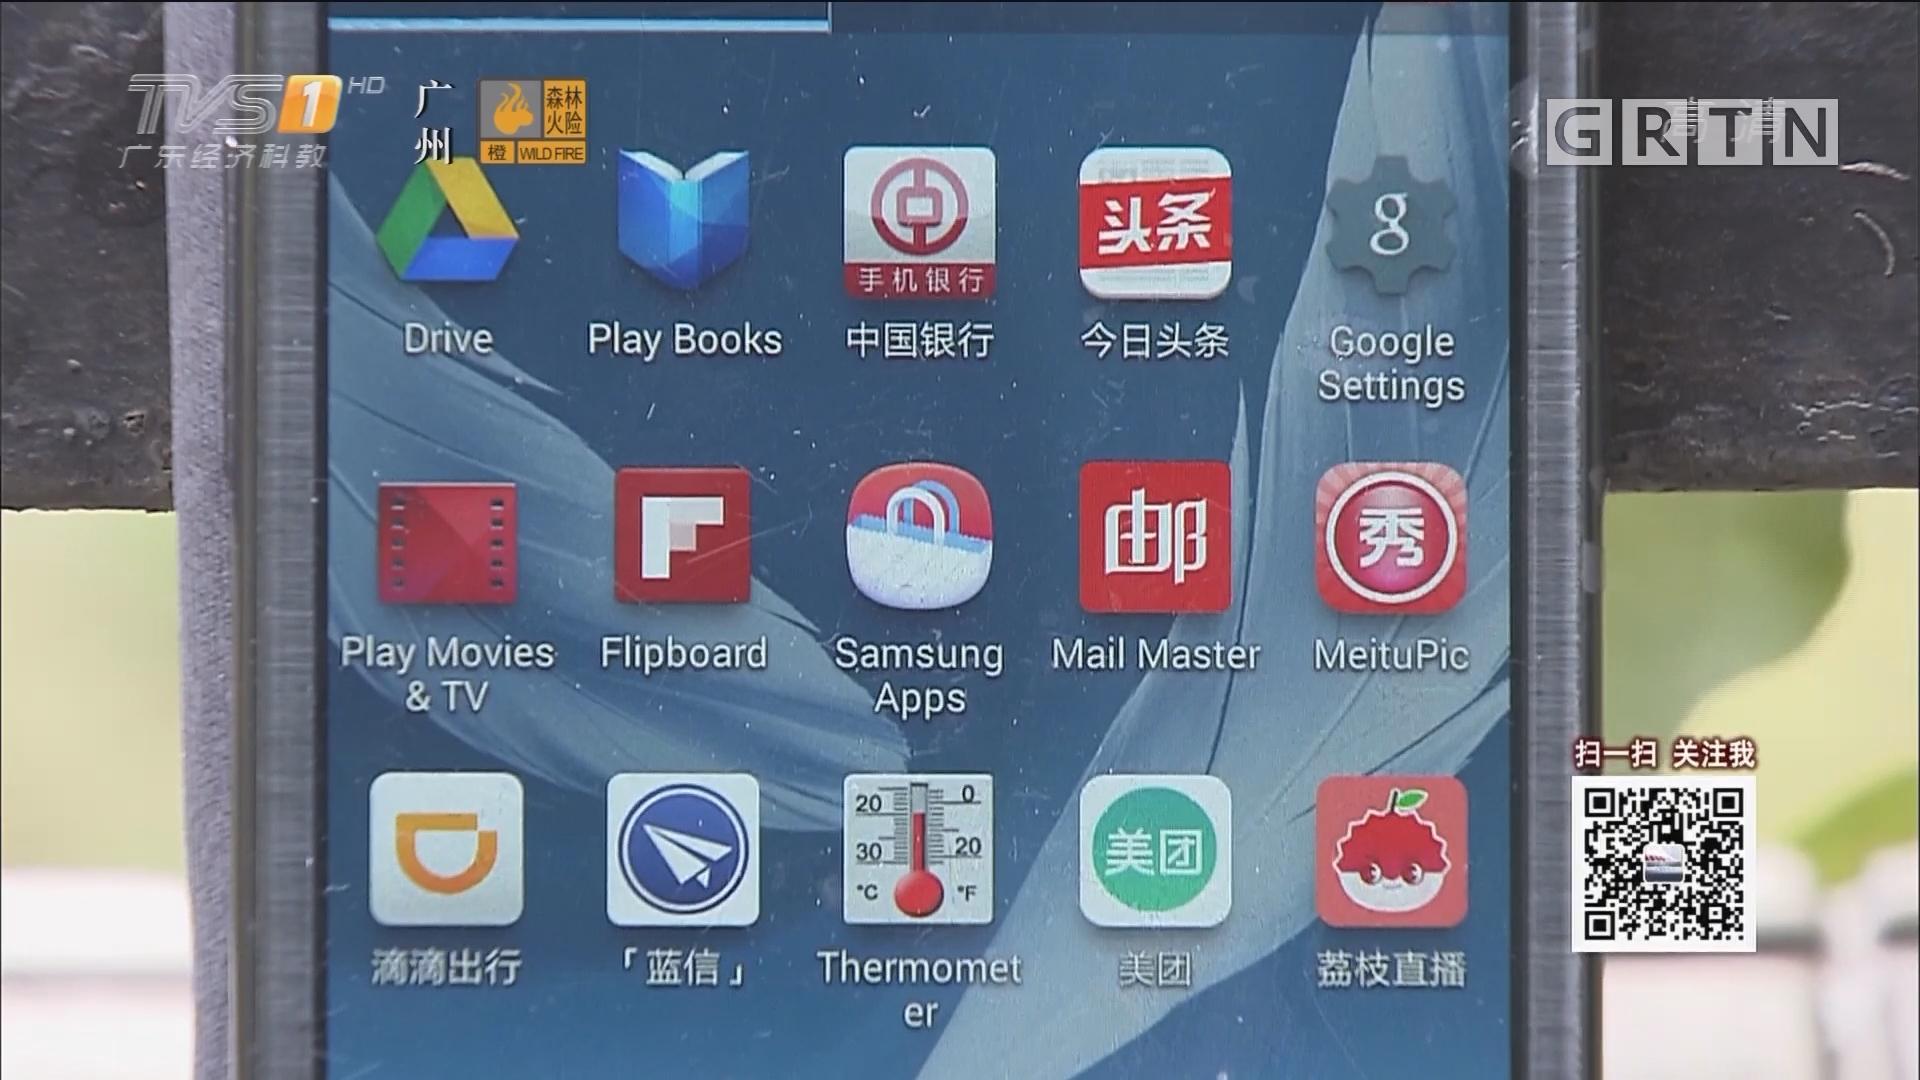 微信QQ将暂停短视频App外链接播放功能